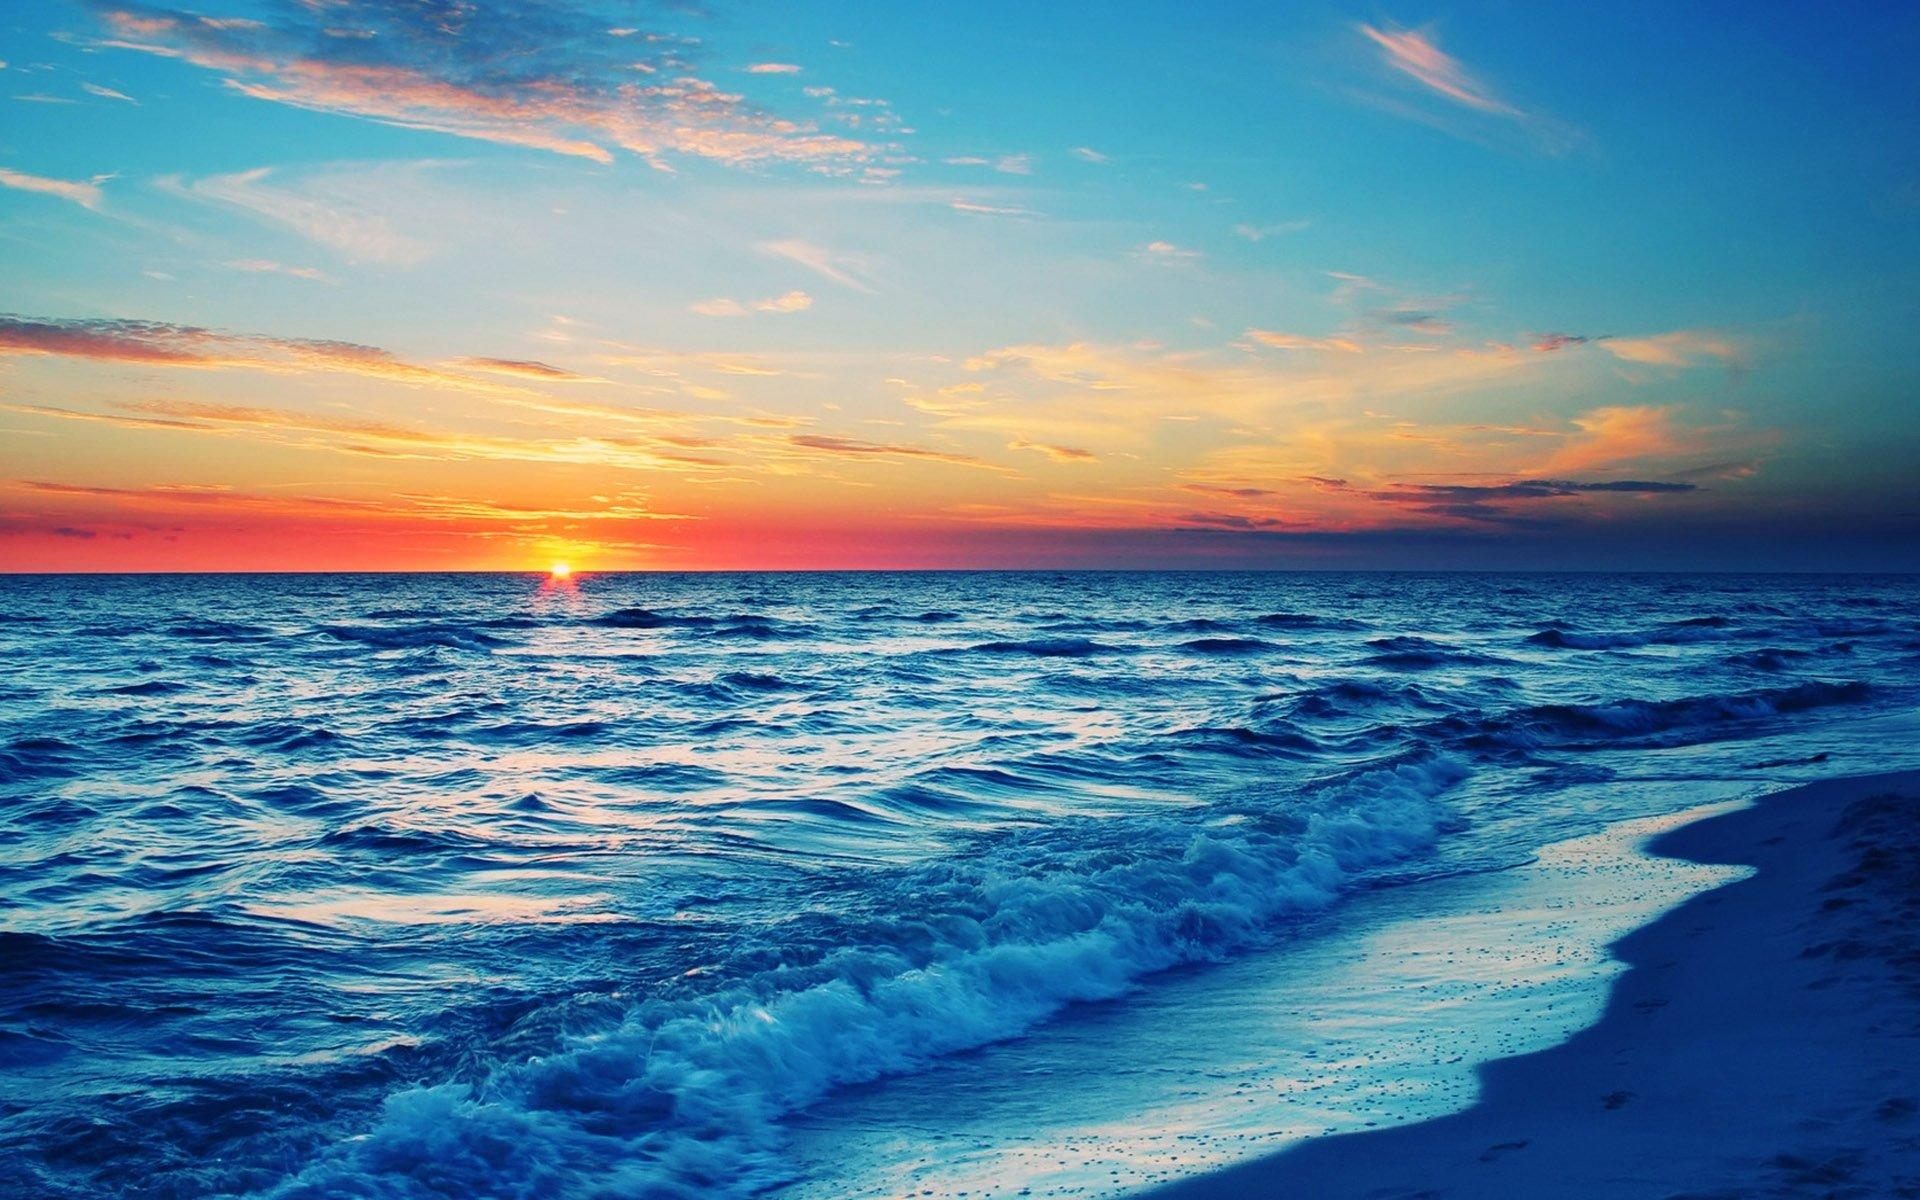 Hd Beach Desktop Wallpaper Beach Wallpapers Best Wallpapers 1920x1200